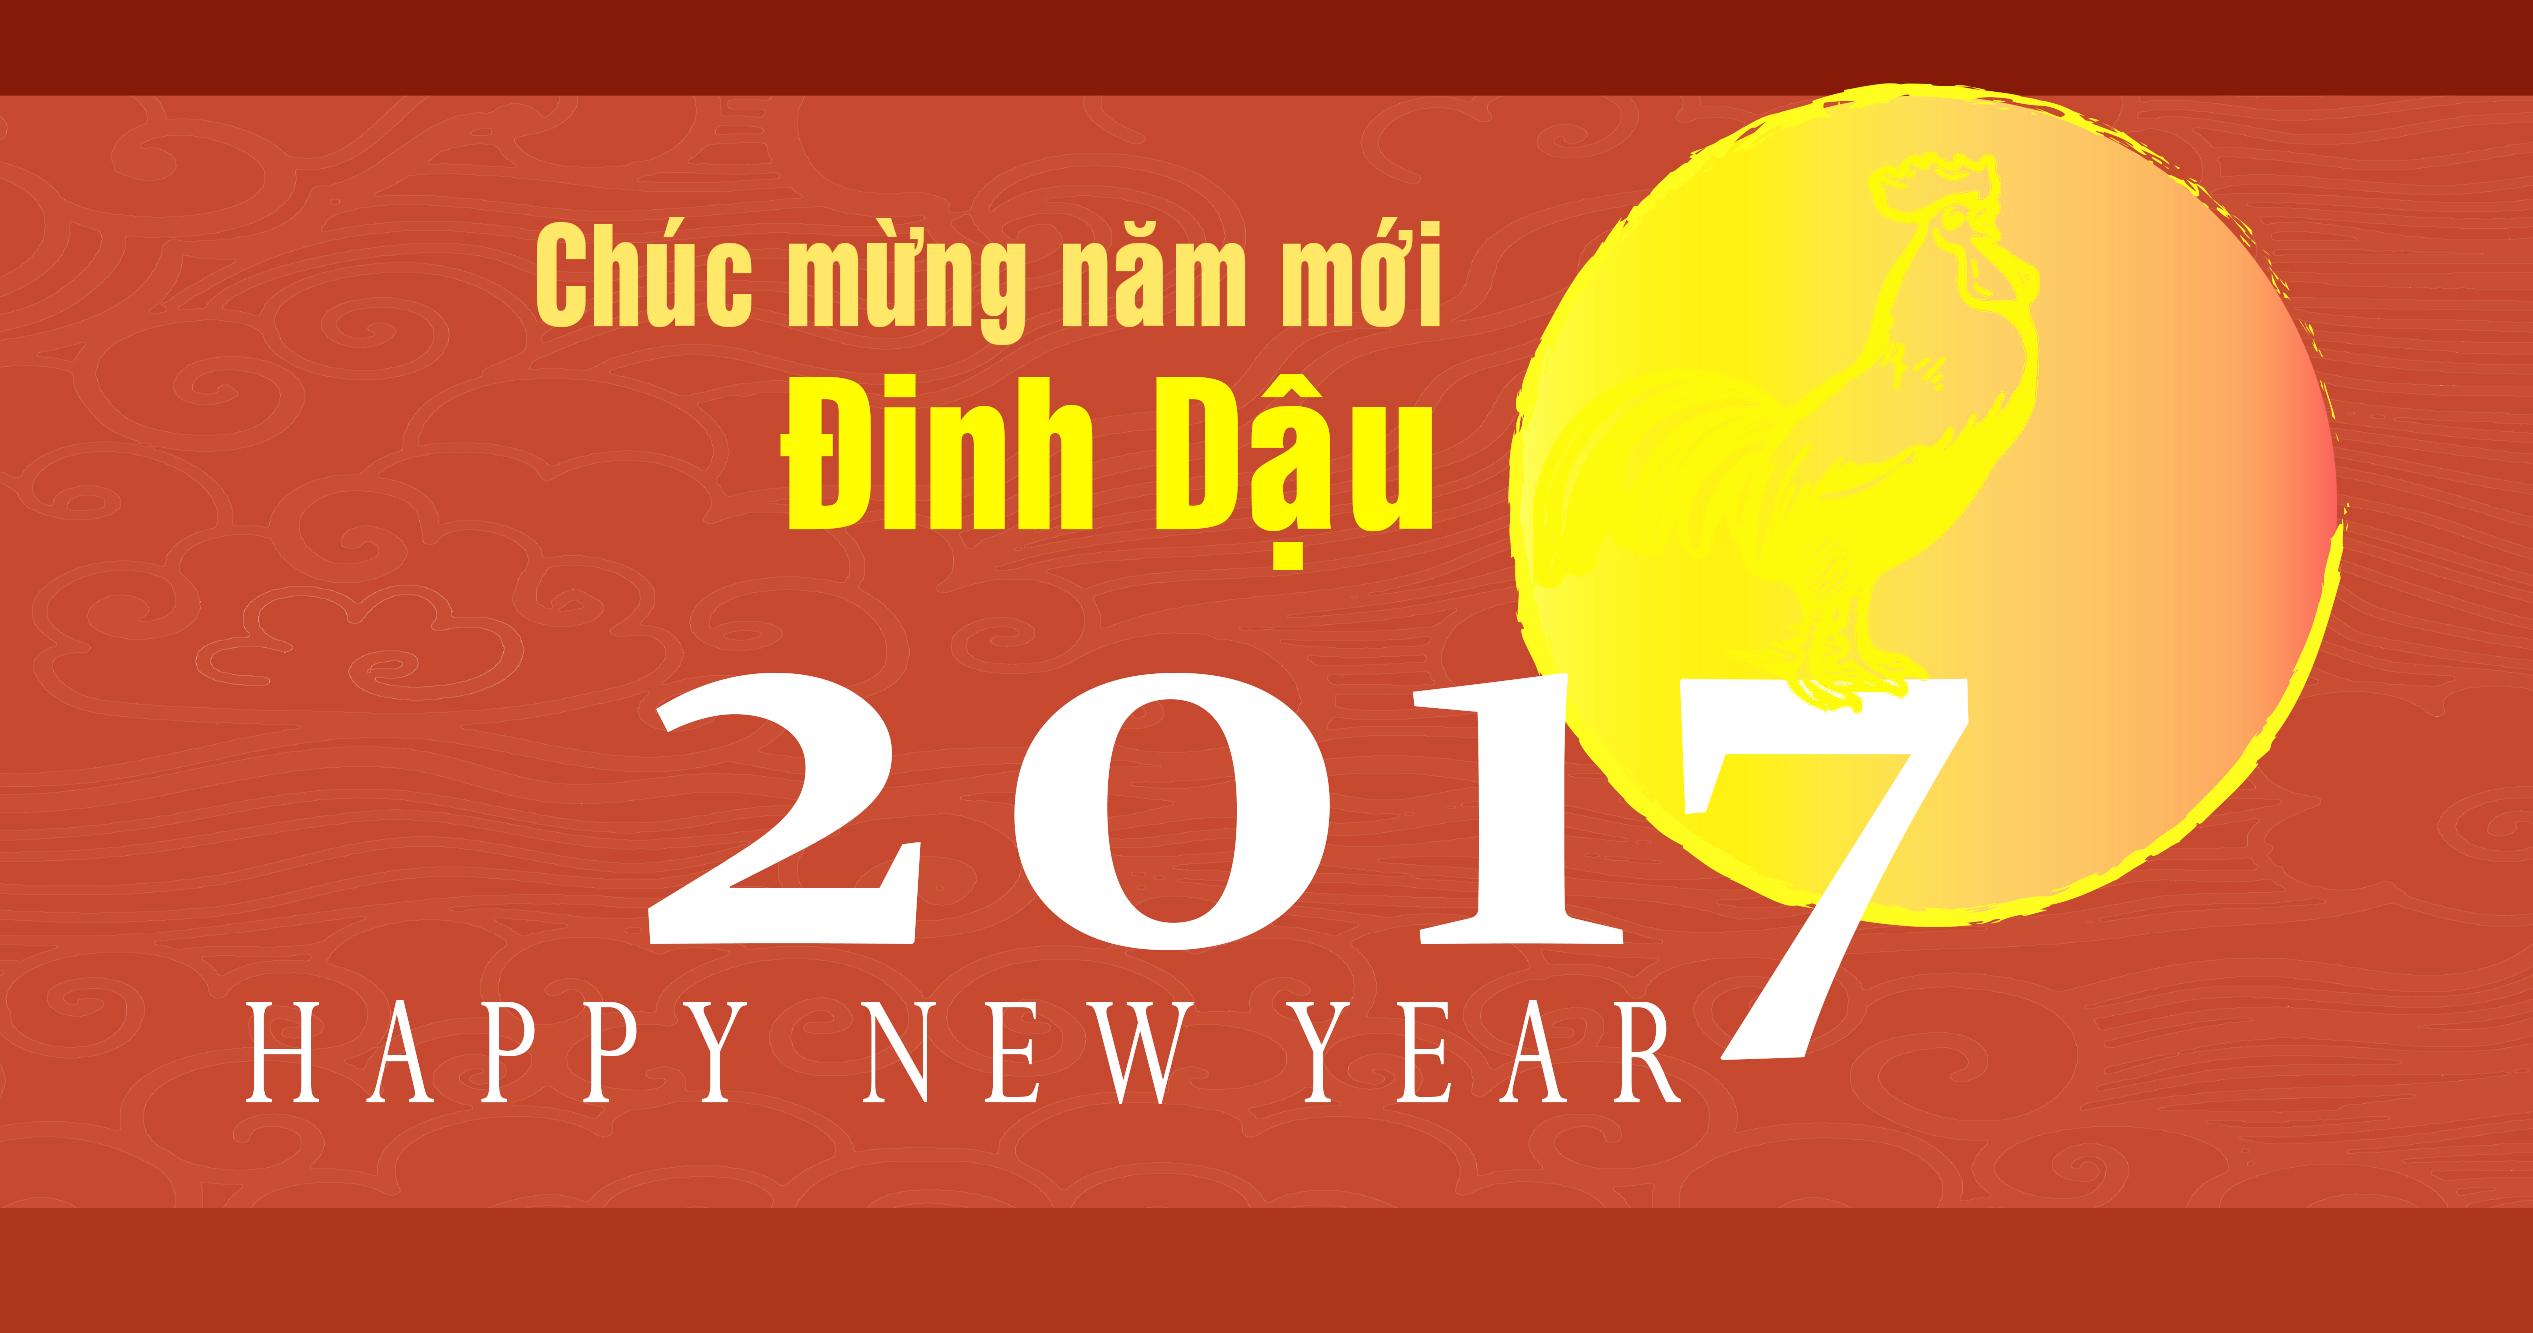 Chúc mừng năm mới 2017